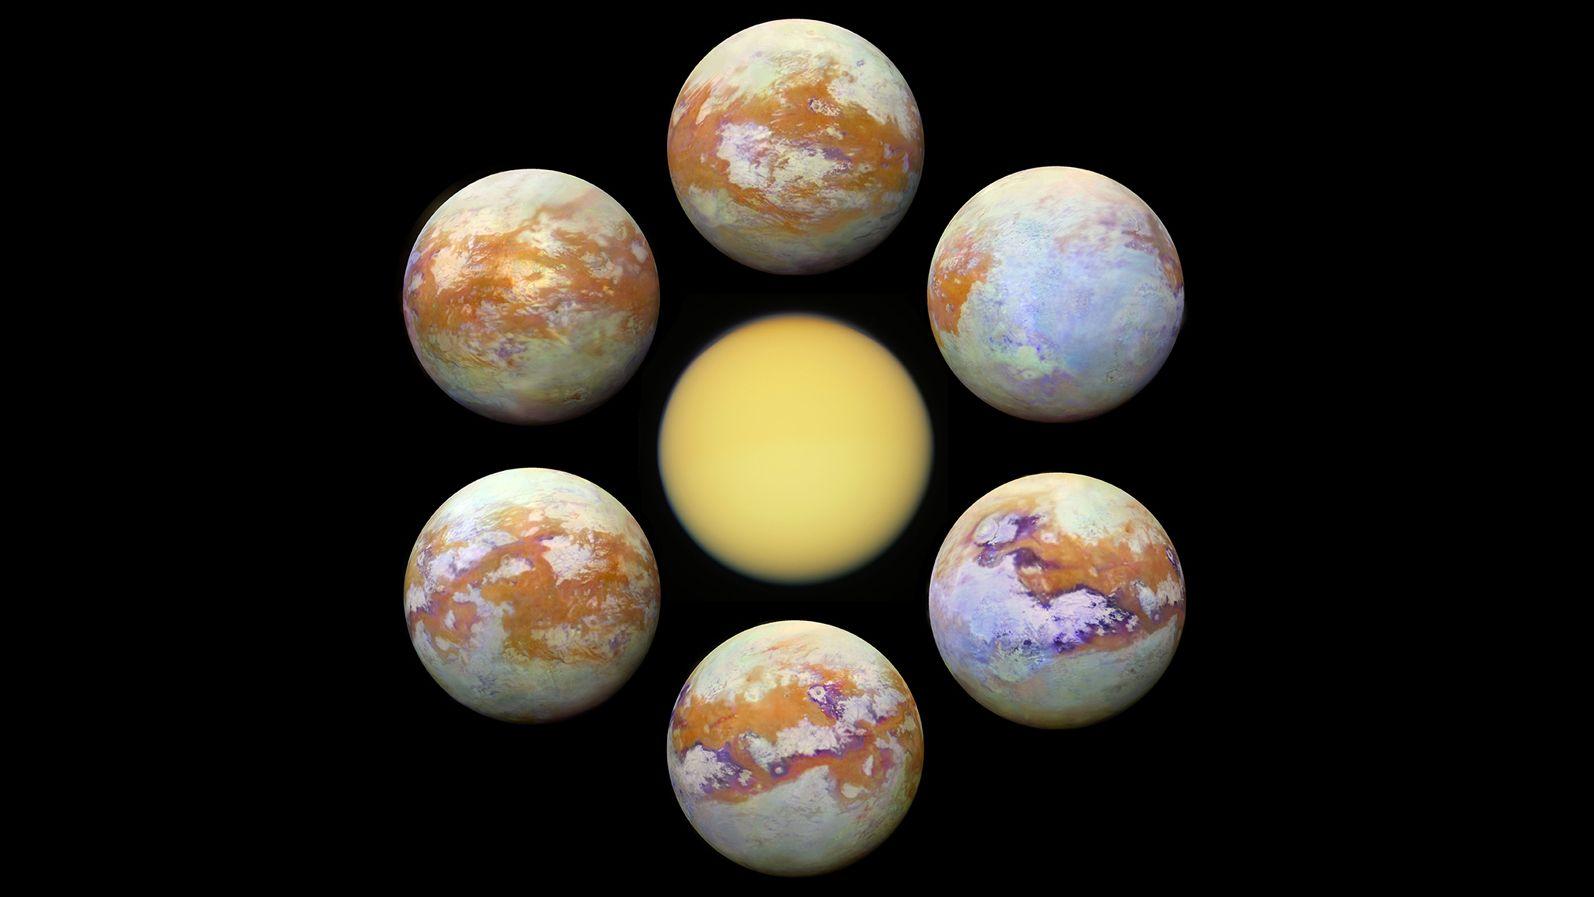 Unter seiner dichten Atmosphäre verbirgt der Saturnmond Titan eine faszinierende Landschaft, in der Flüsse und Seen aus Methan und anderen Kohlenwasserstoffen vorkommen